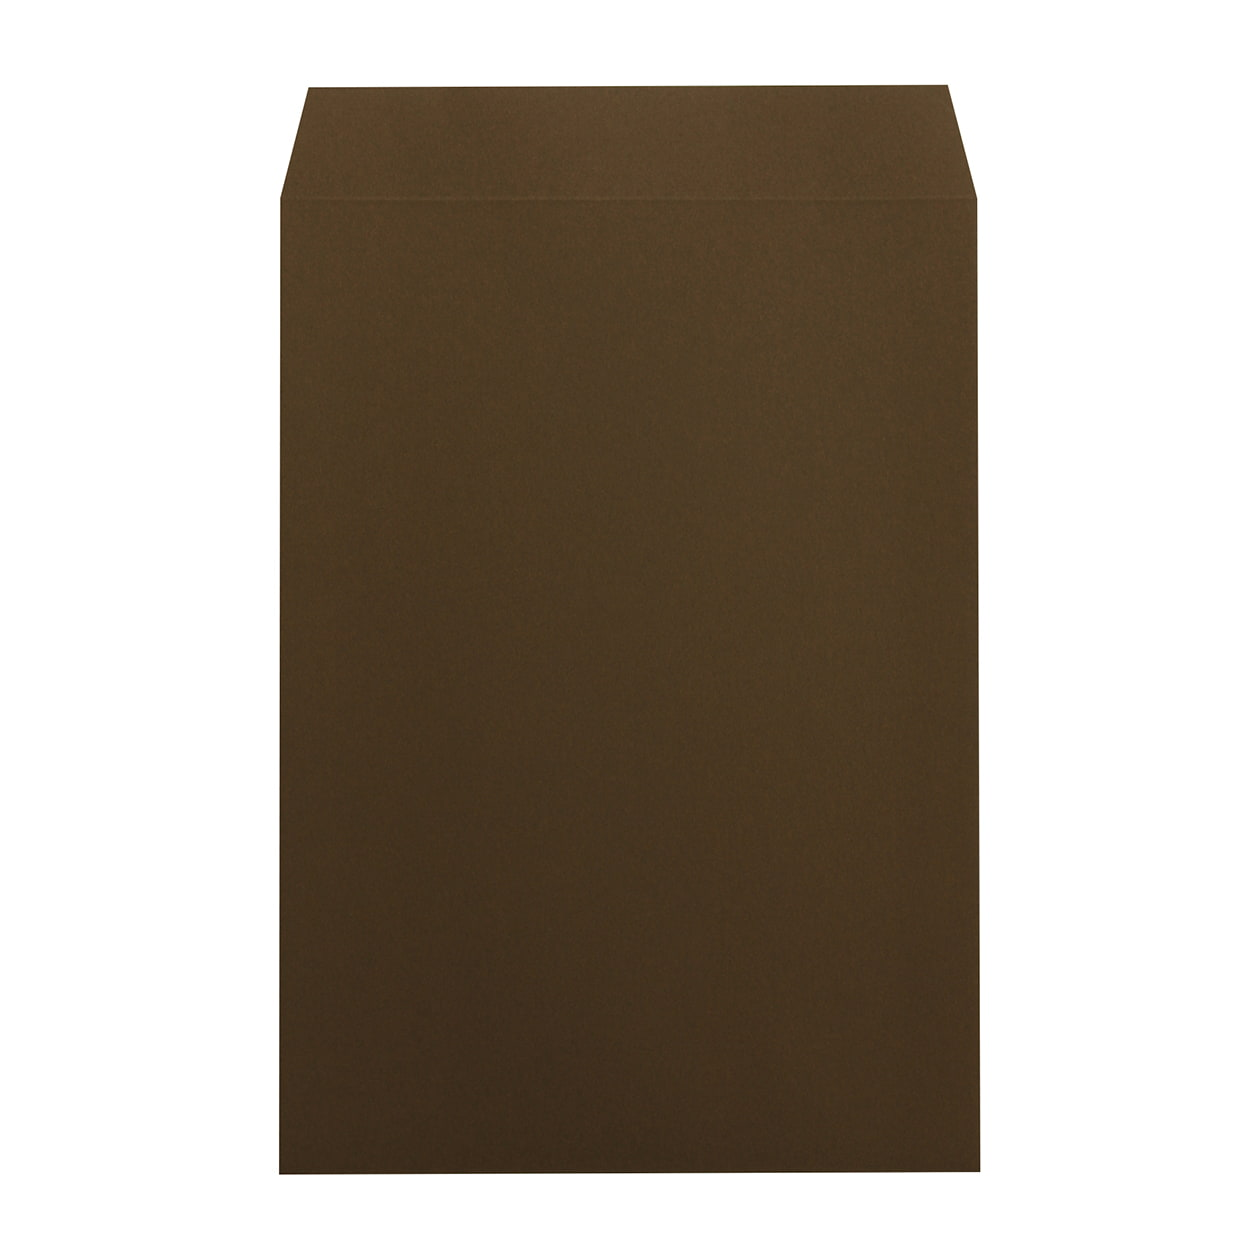 角2封筒 コットン チョコレート 116.3g